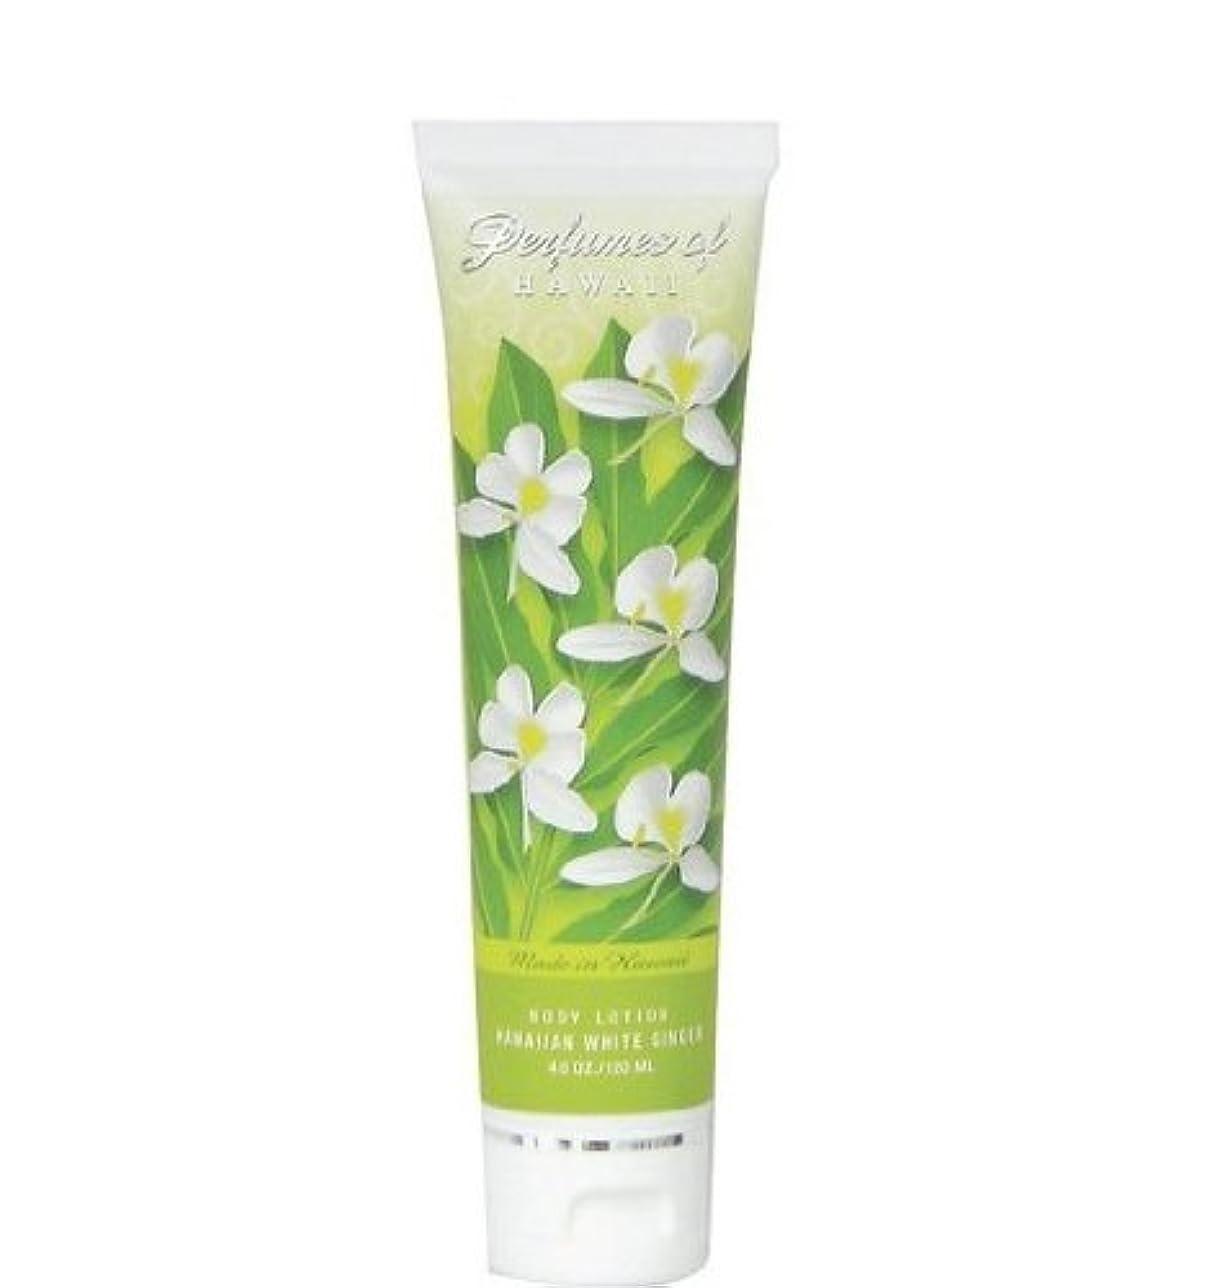 老人バンカーある【2本セット】ハワイ】ホワイトジンジャーボディーローション Hawaiian White Ginger Body Lotion - 4.0 Oz - Perfumes of Hawaii 海外直送品